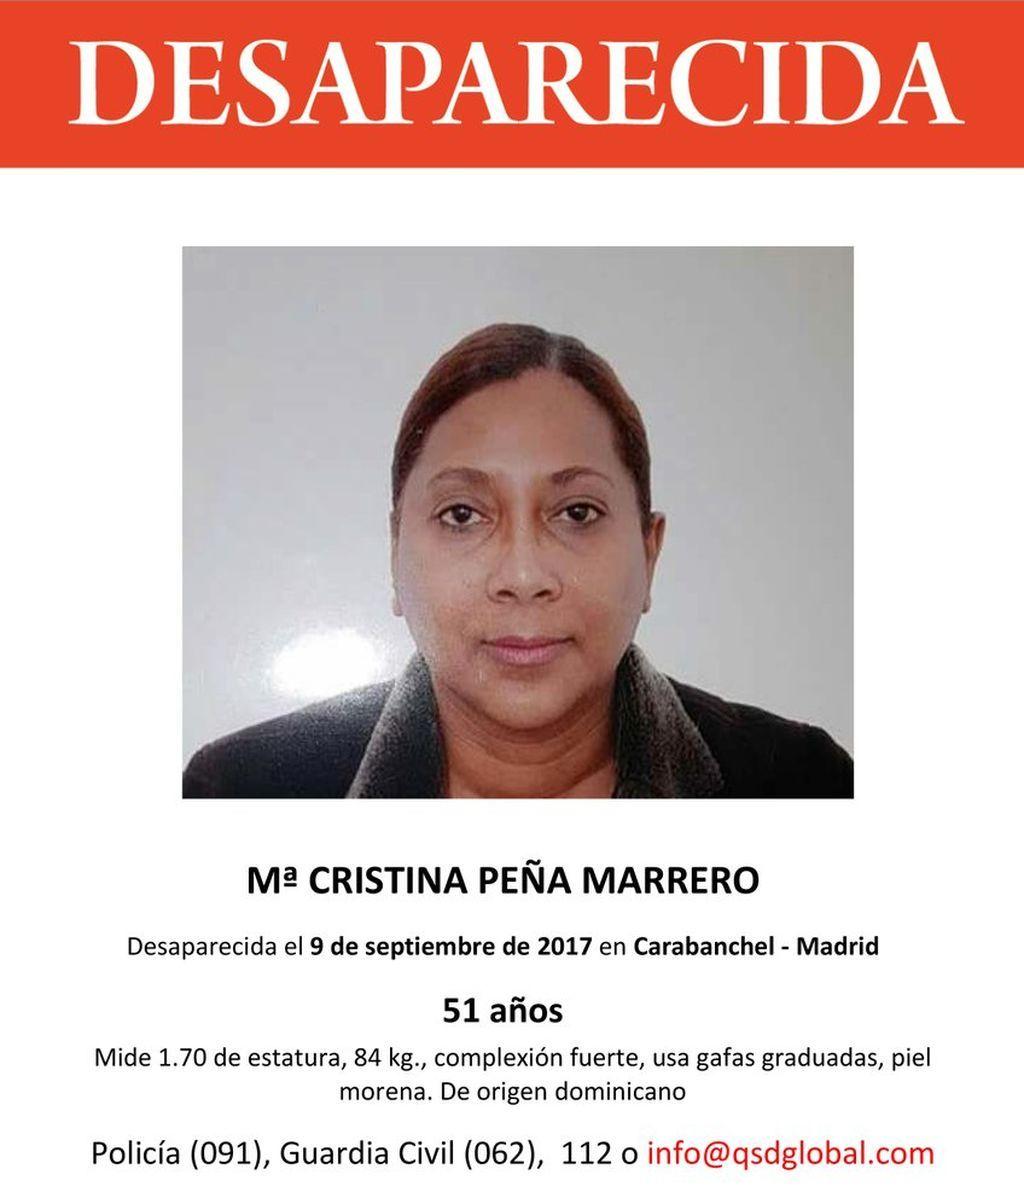 Desaparece un dominicana de 51 años en Carabanchel (España) tras denunciar la pérdida de su documentación